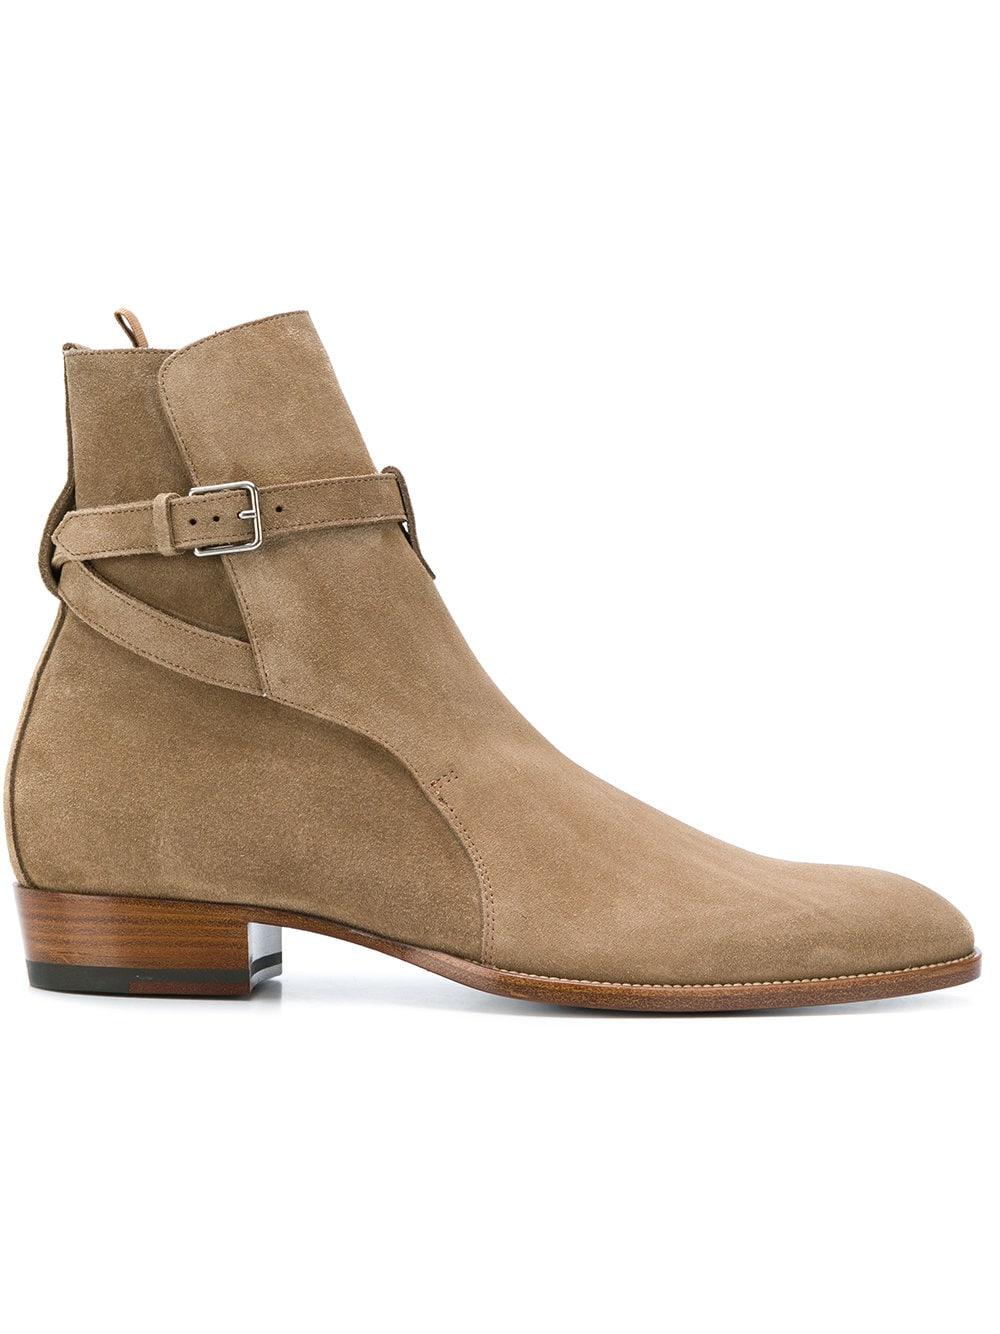 Boots jodphur - 845€